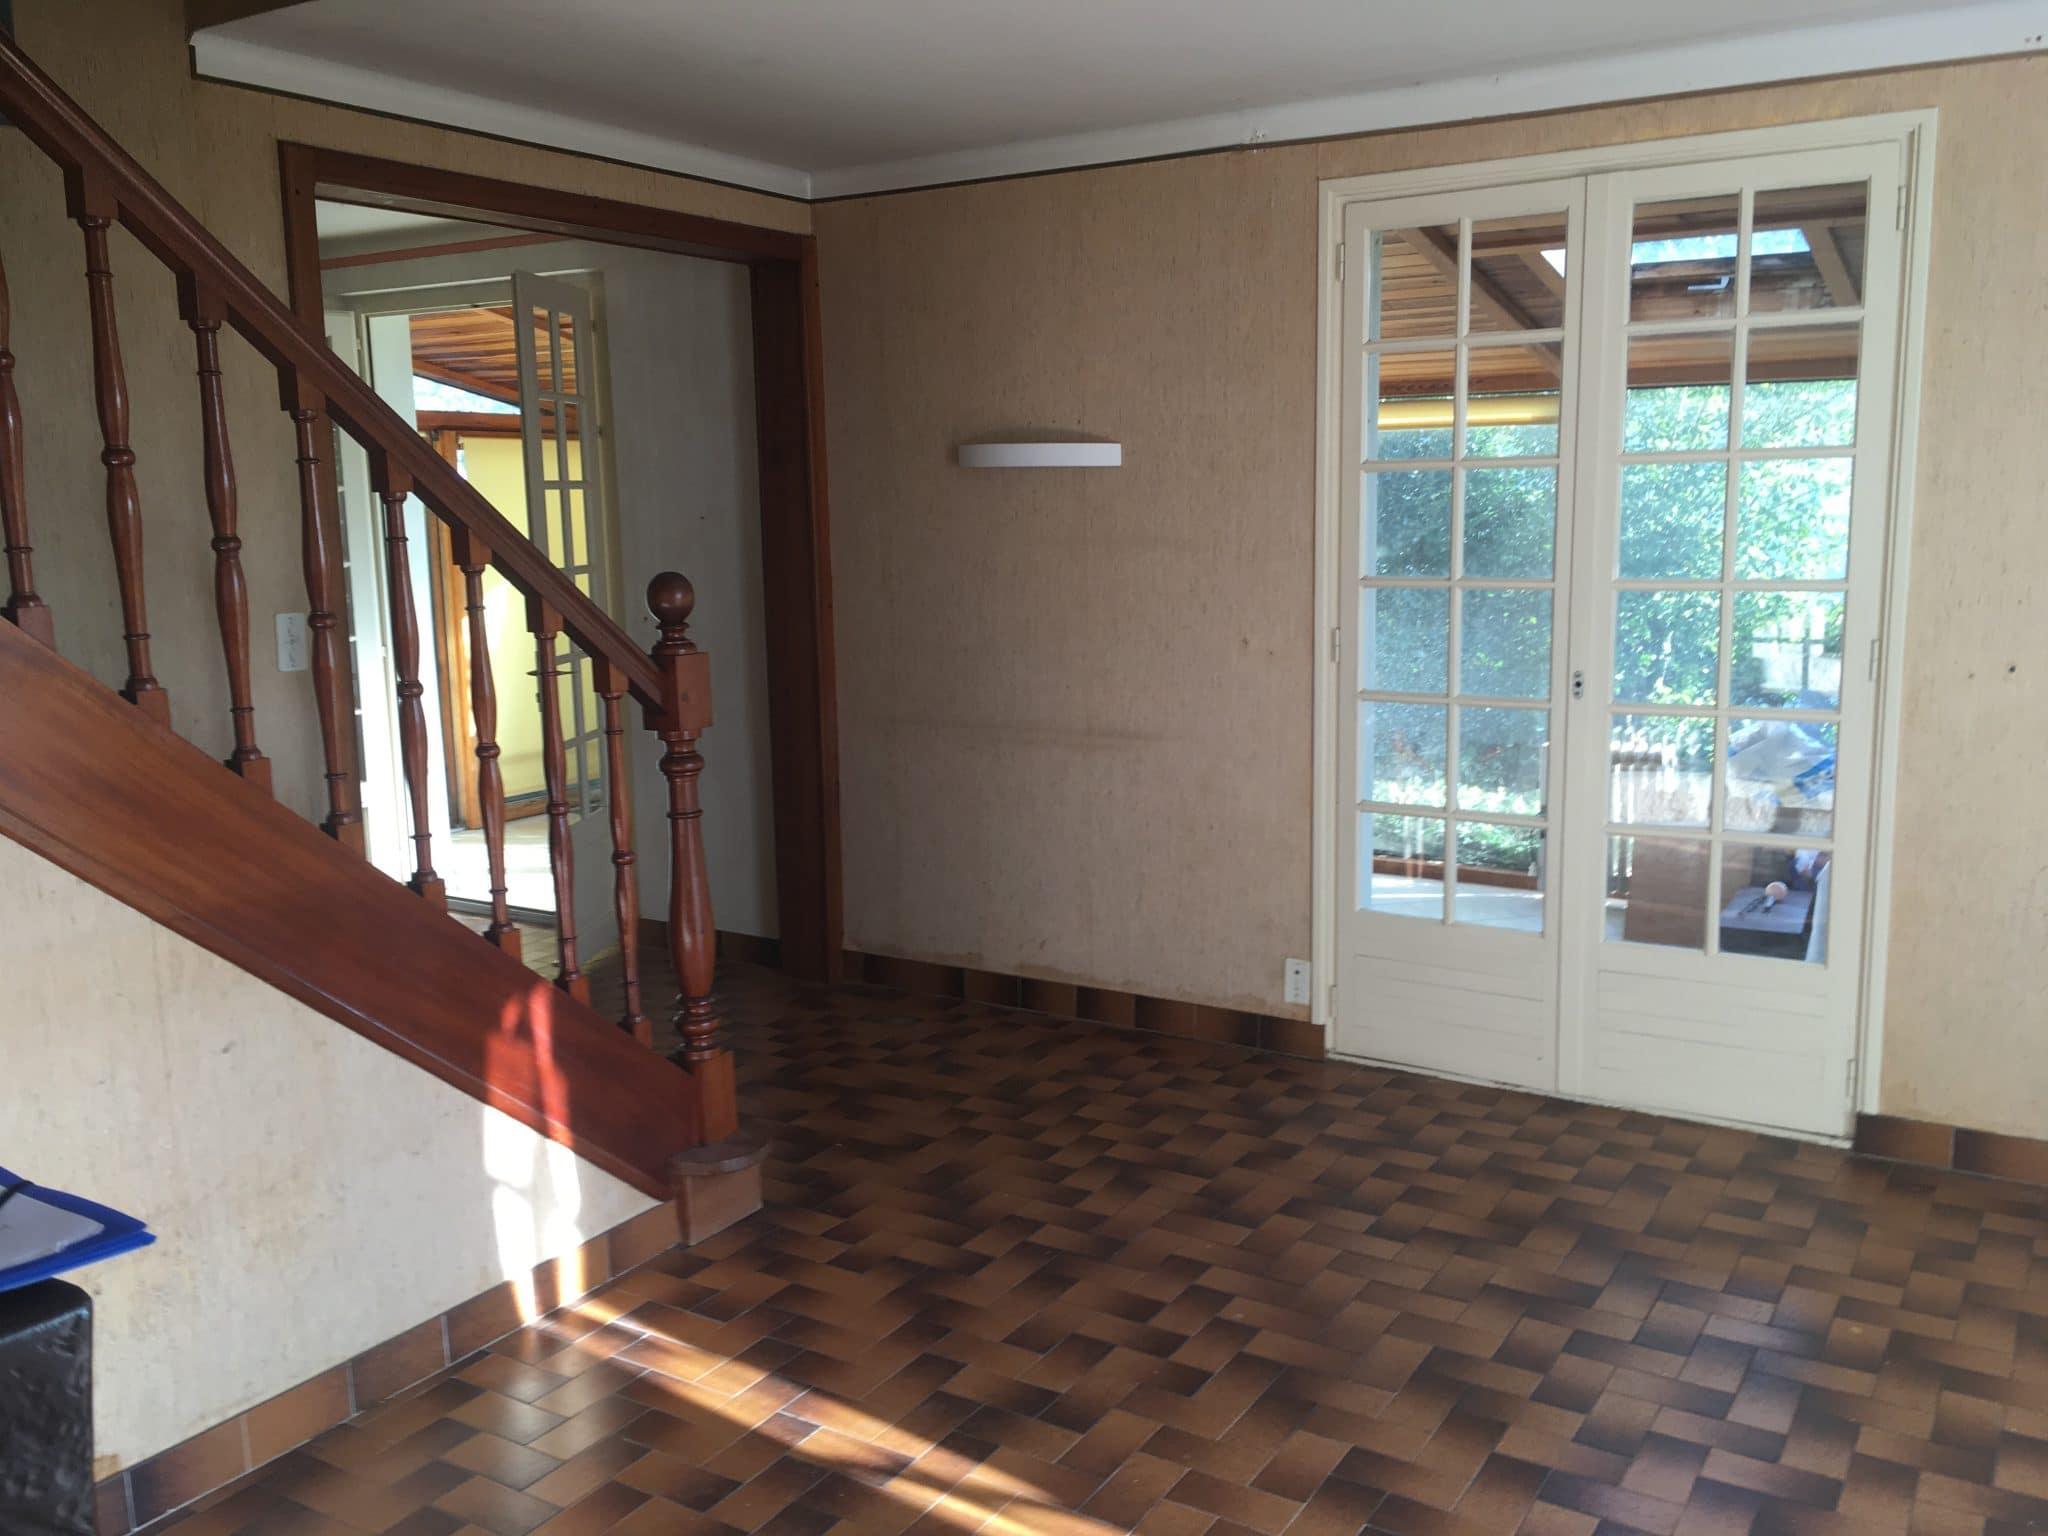 Des travaux de rénovation dans une maison à Saint-Nolff (56)